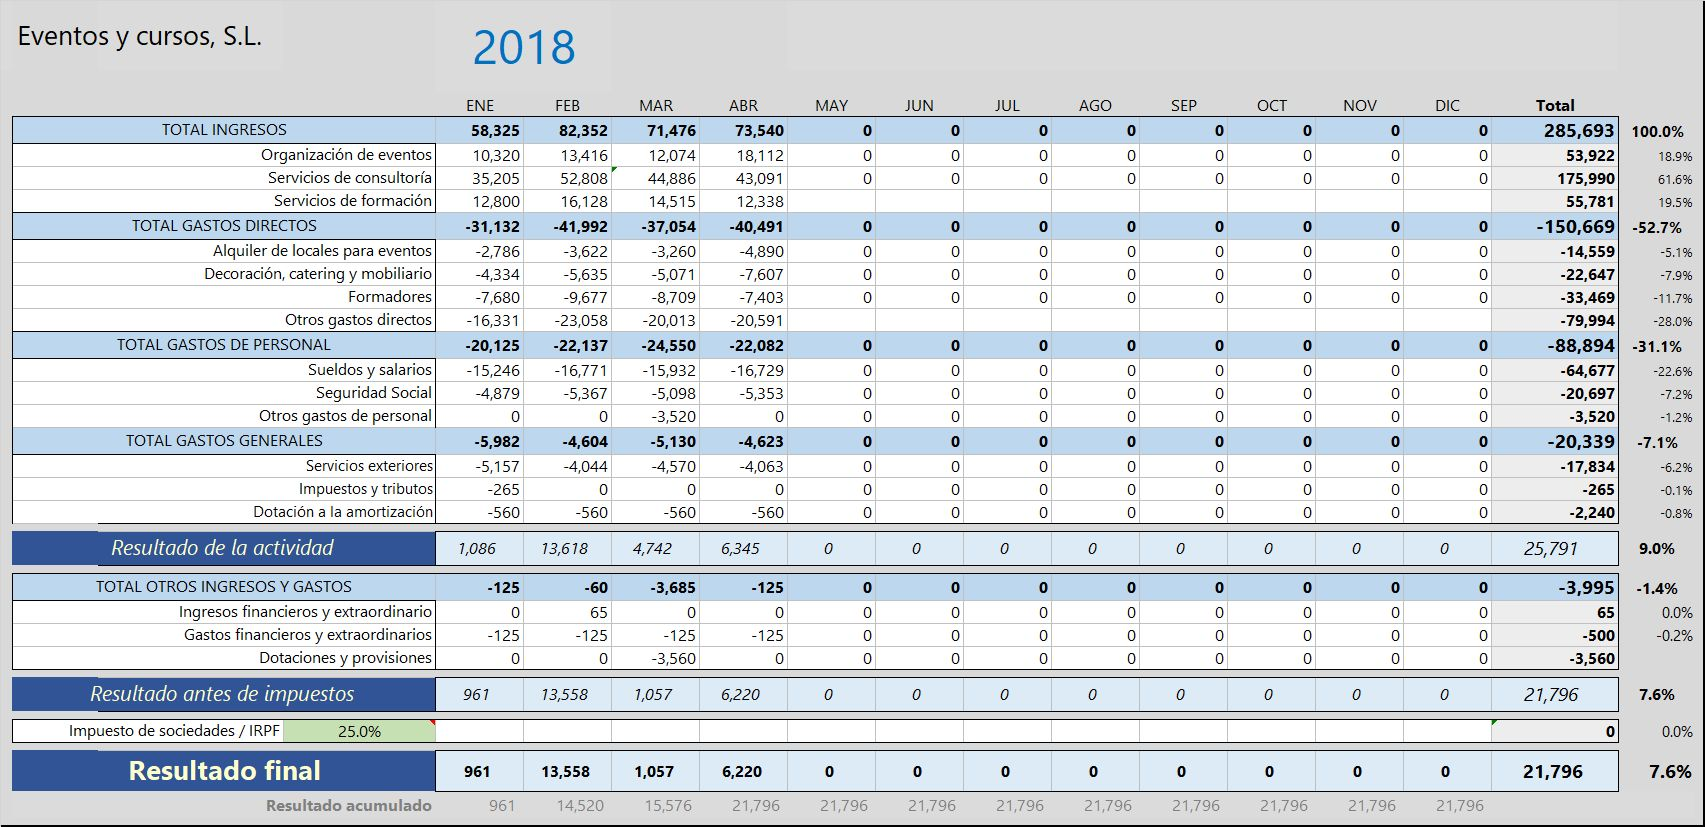 Informe ingresos y gastos - Z1 Gestión